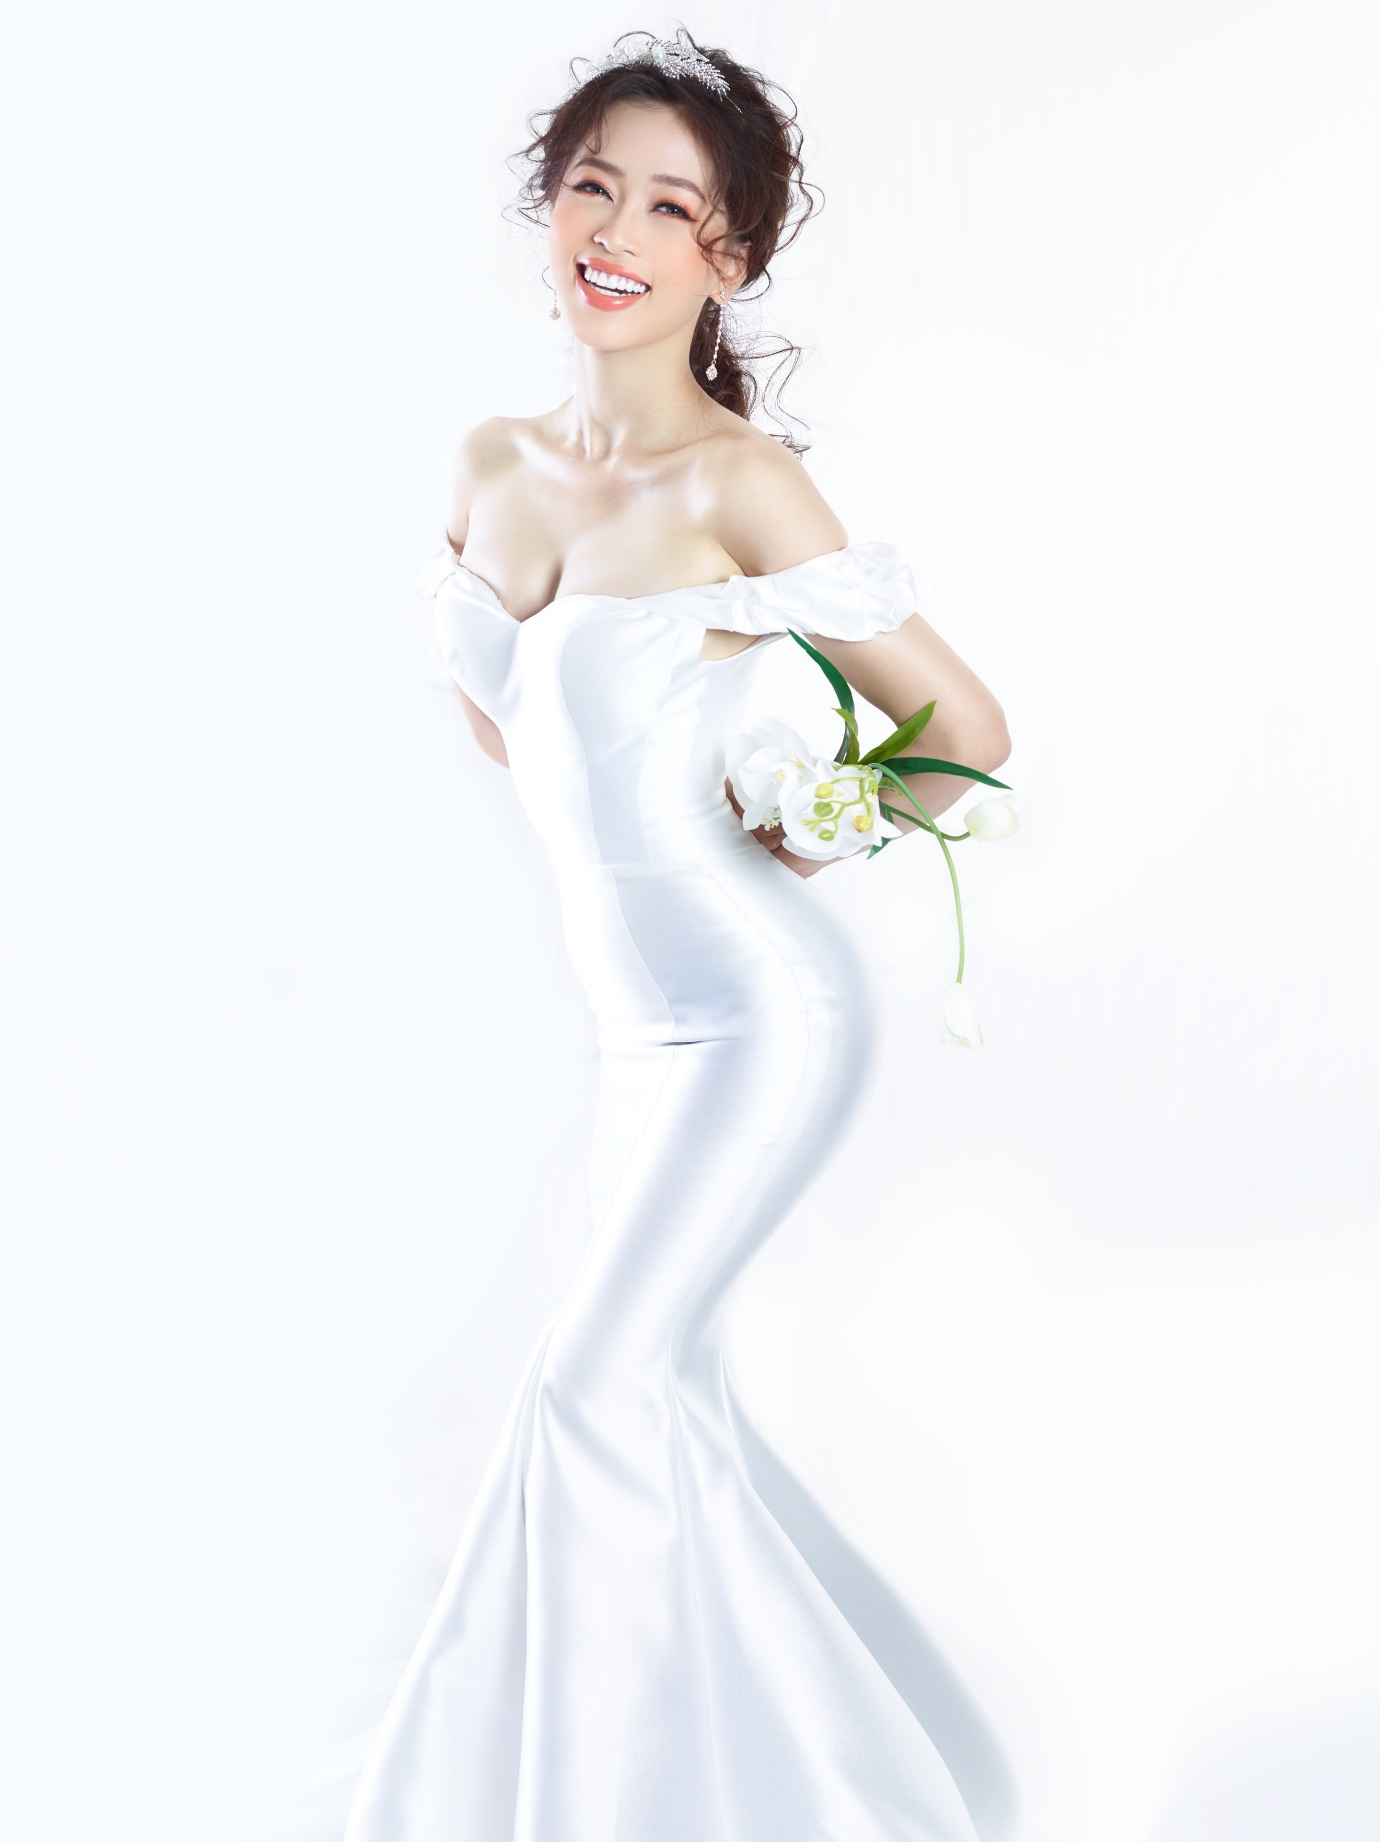 Ngắm Á hậu Bùi Phương Nga đẹp ngẩn ngơ trong BST váy cưới - Ảnh 4.